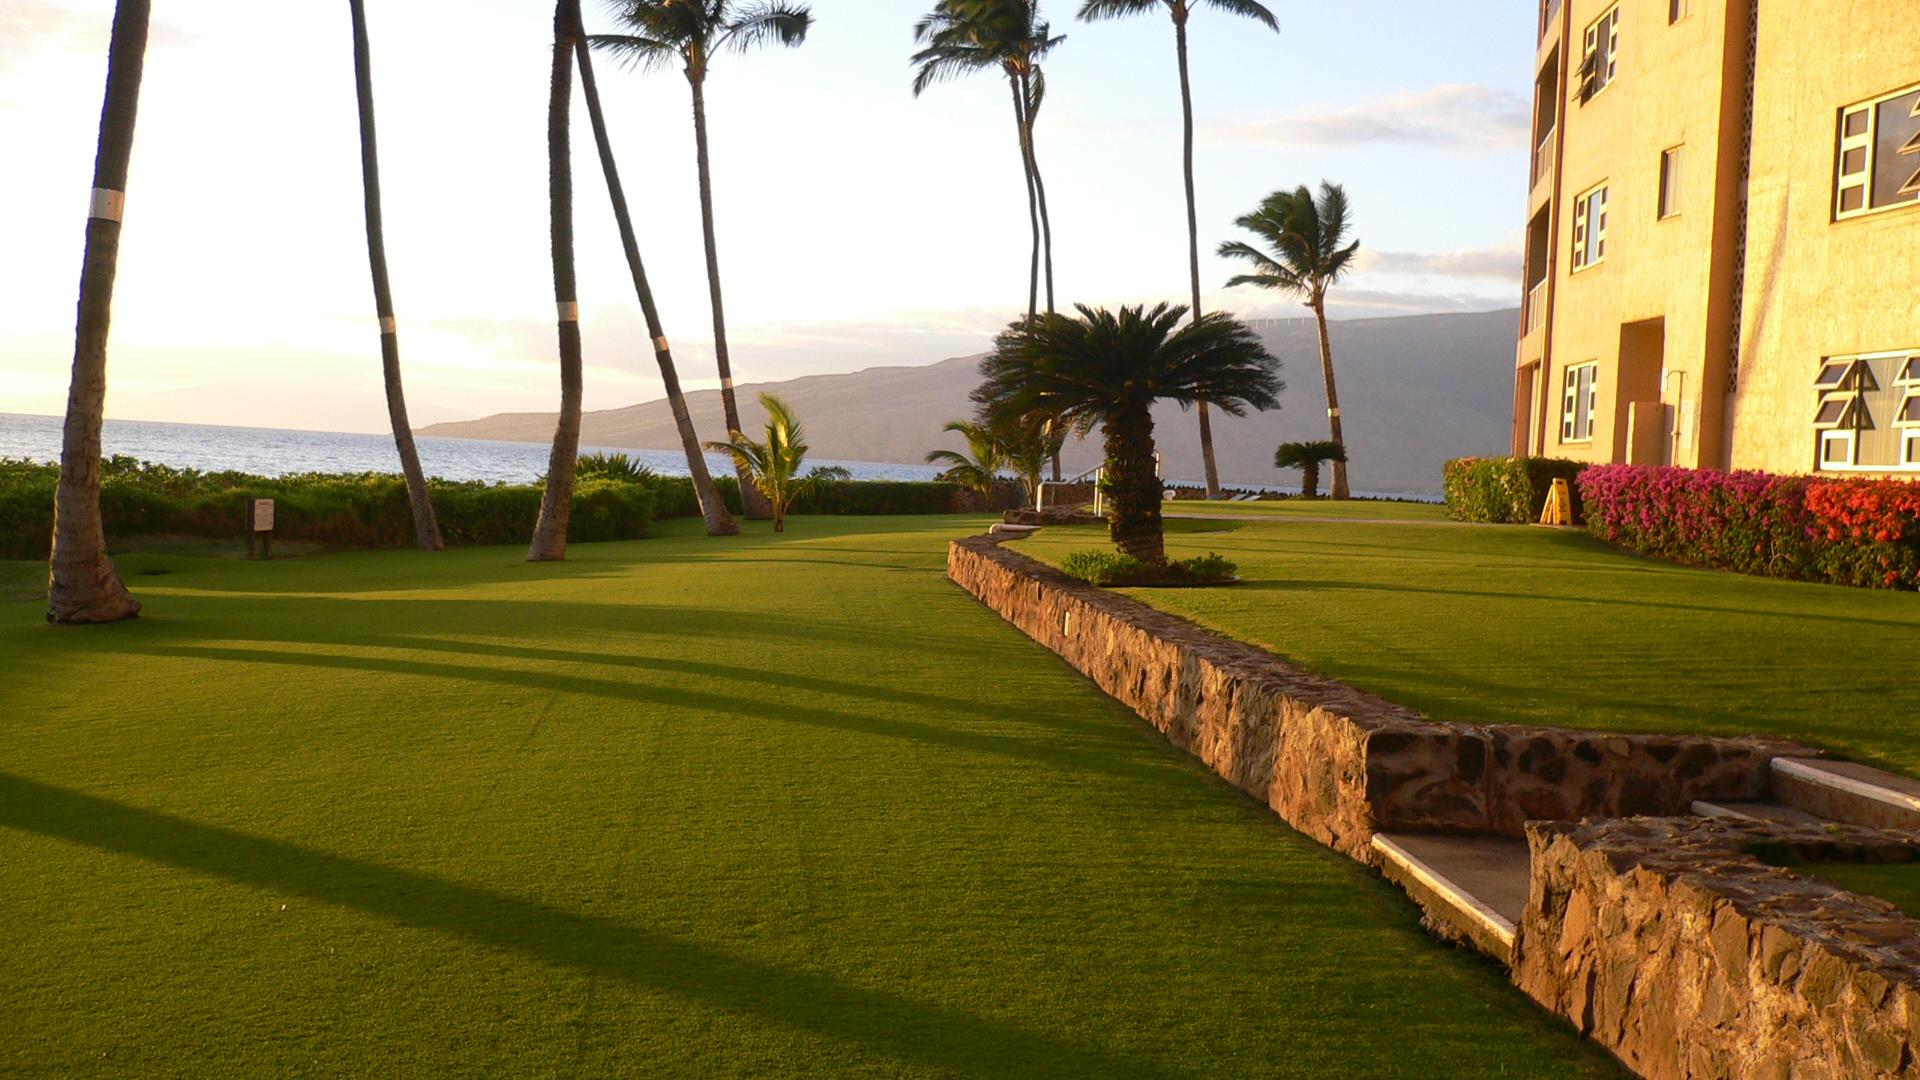 Menehune Shores Kihei Maui